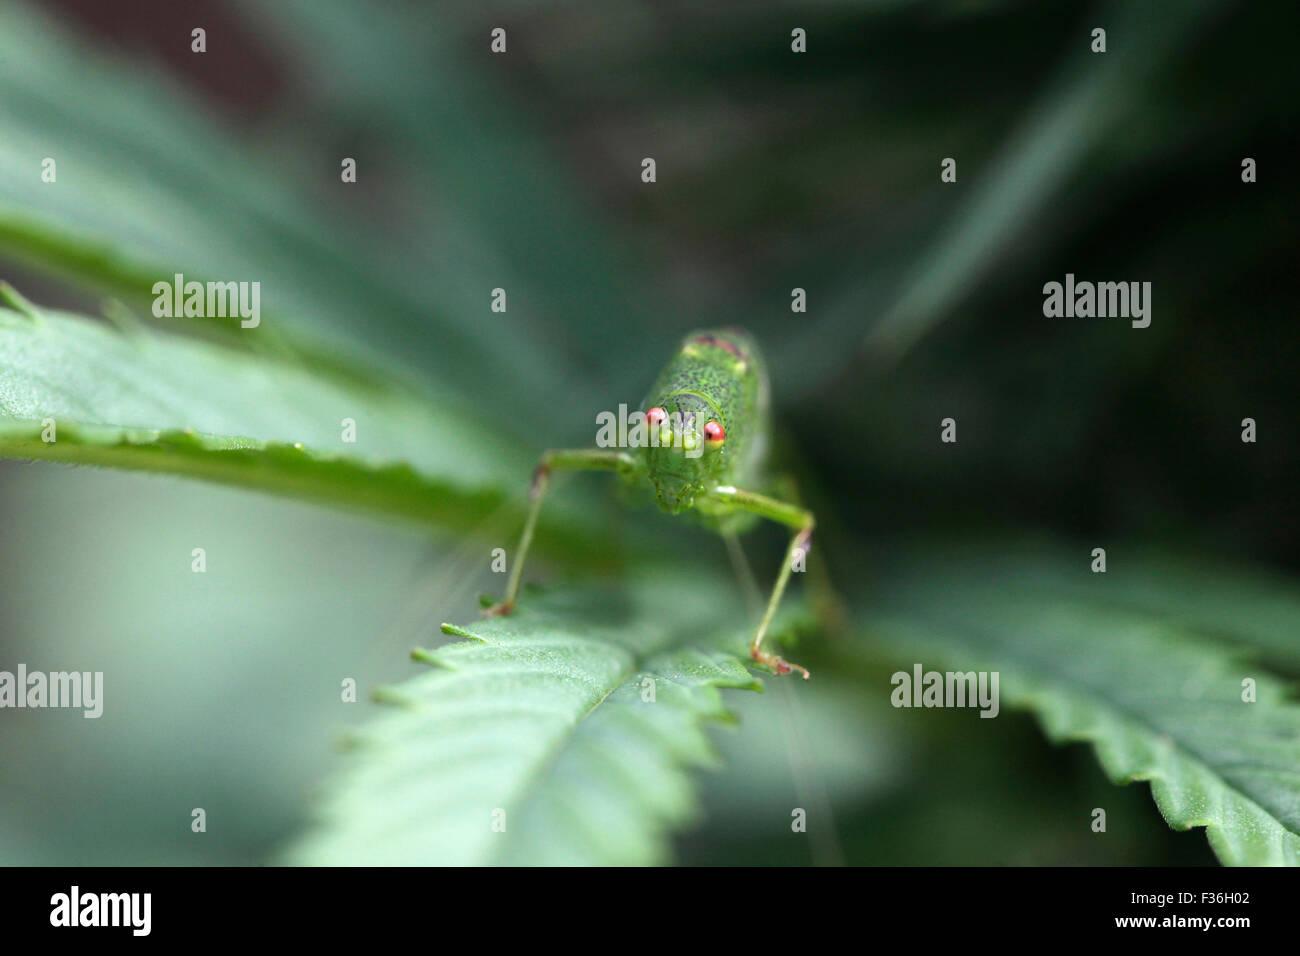 Kleine grüne grashüpfer mit seinen roten augen in die kamera schaut